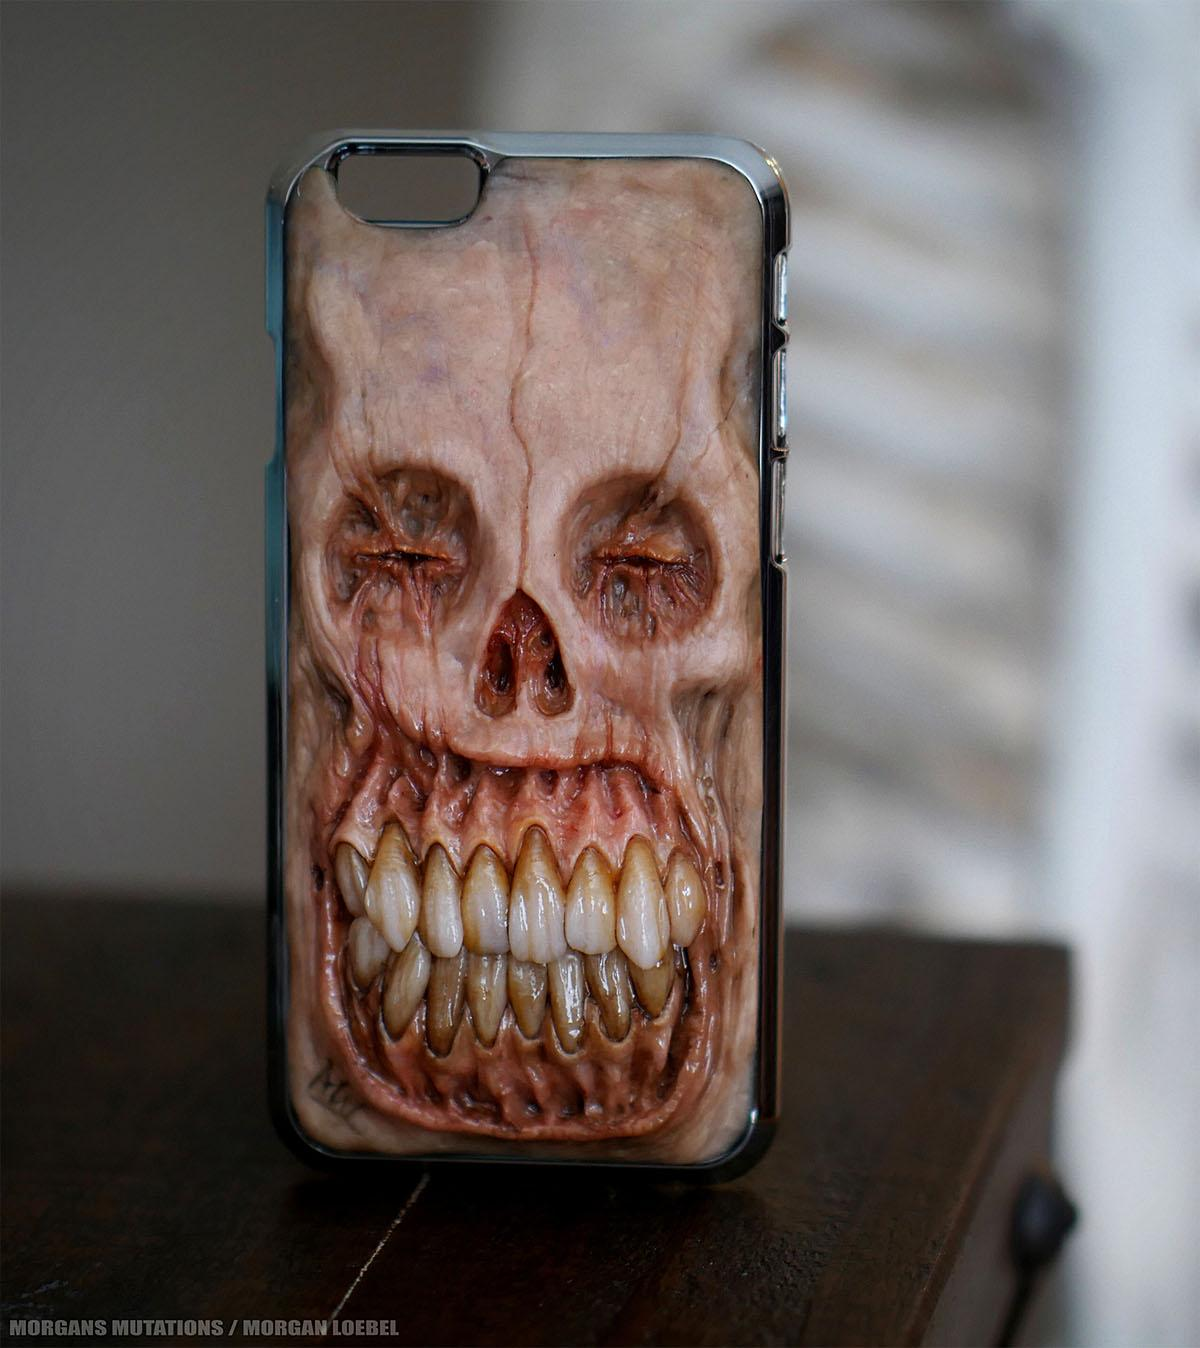 Dental tech's creepy phone case designed to deter theft | KOMO